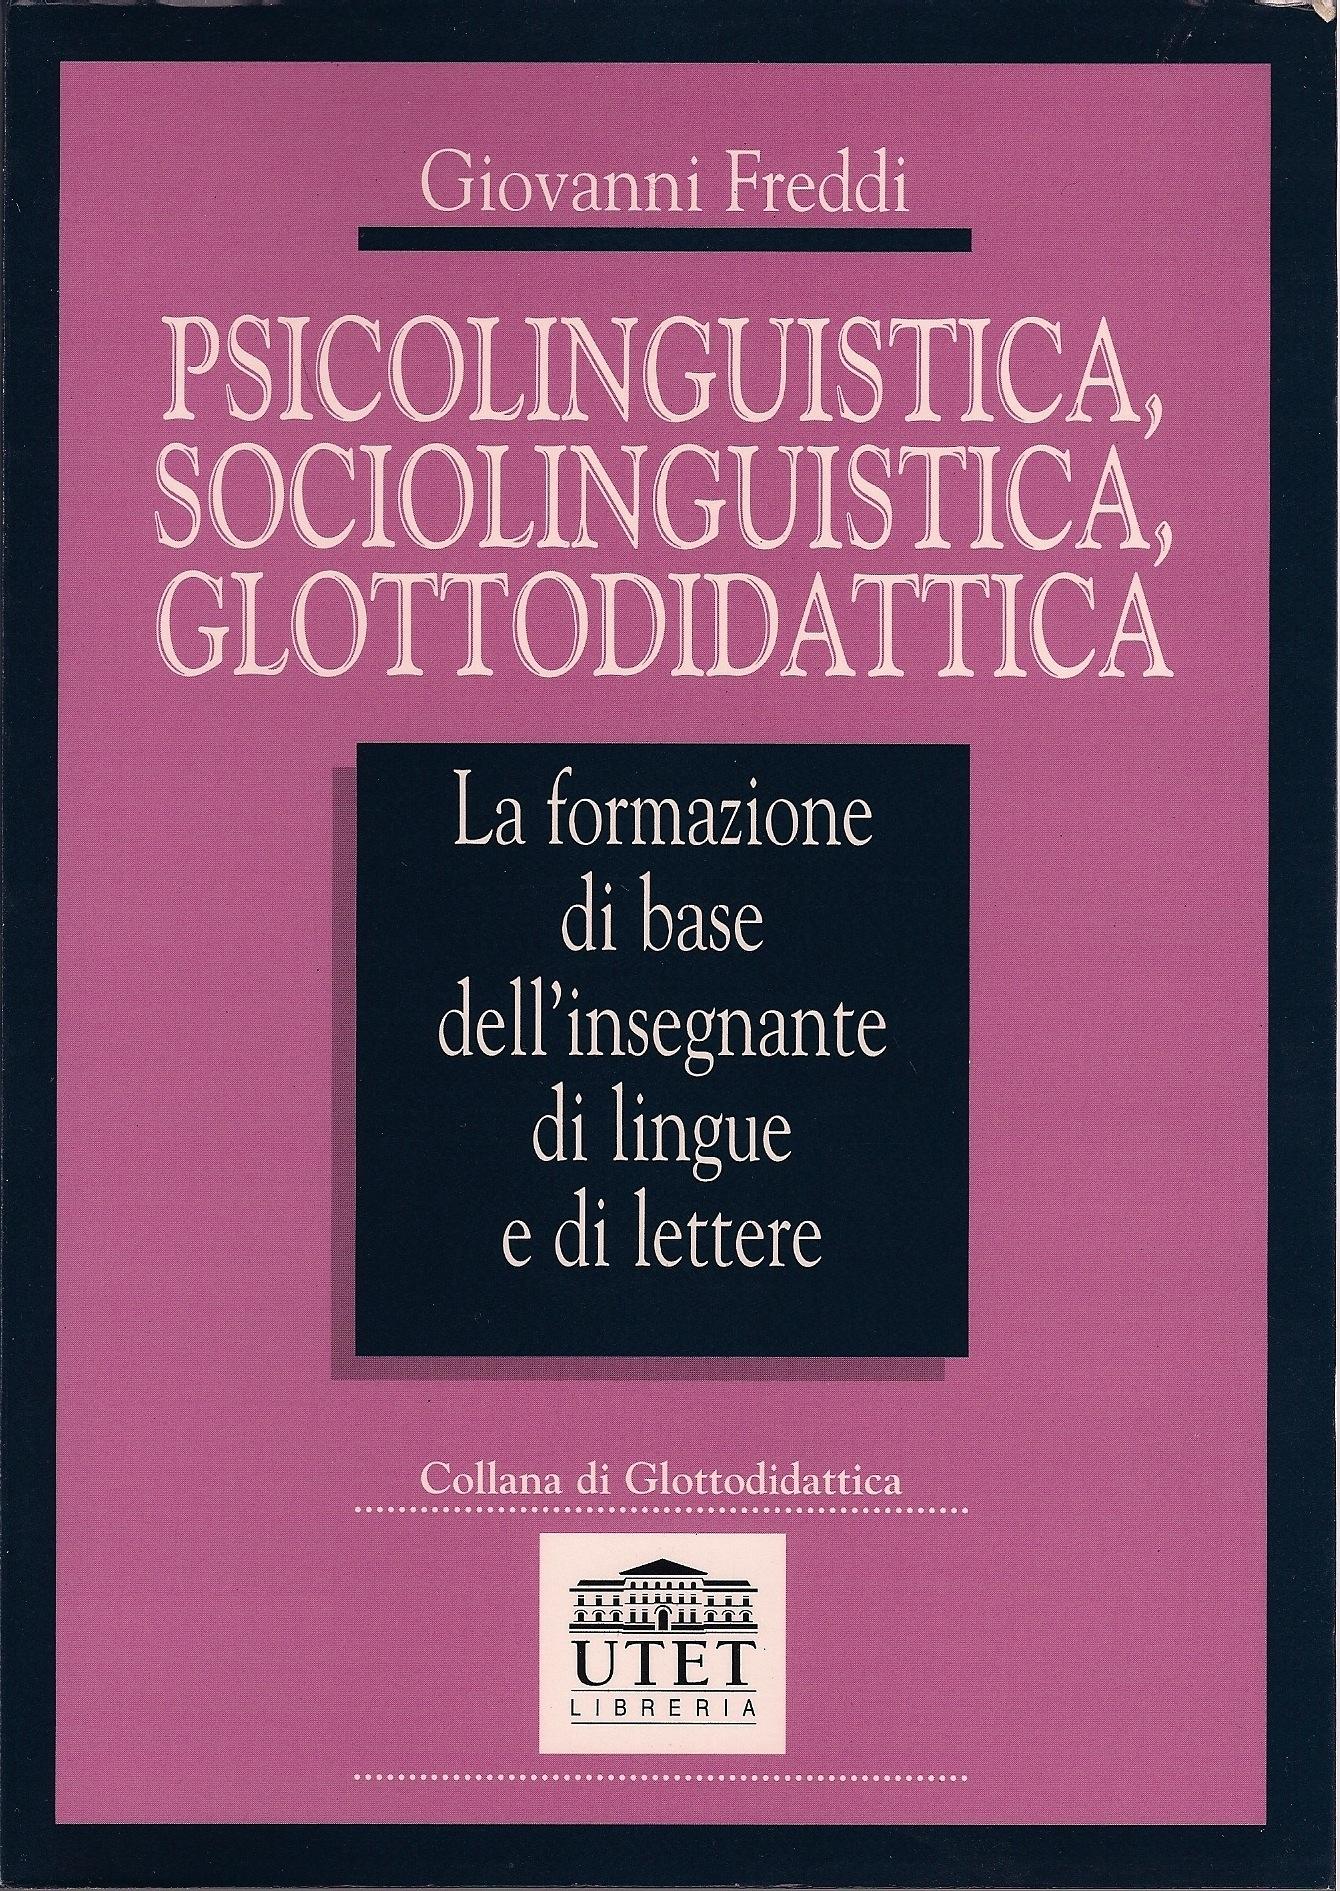 Psicolinguistica, sociolinguistica, glottodidattica